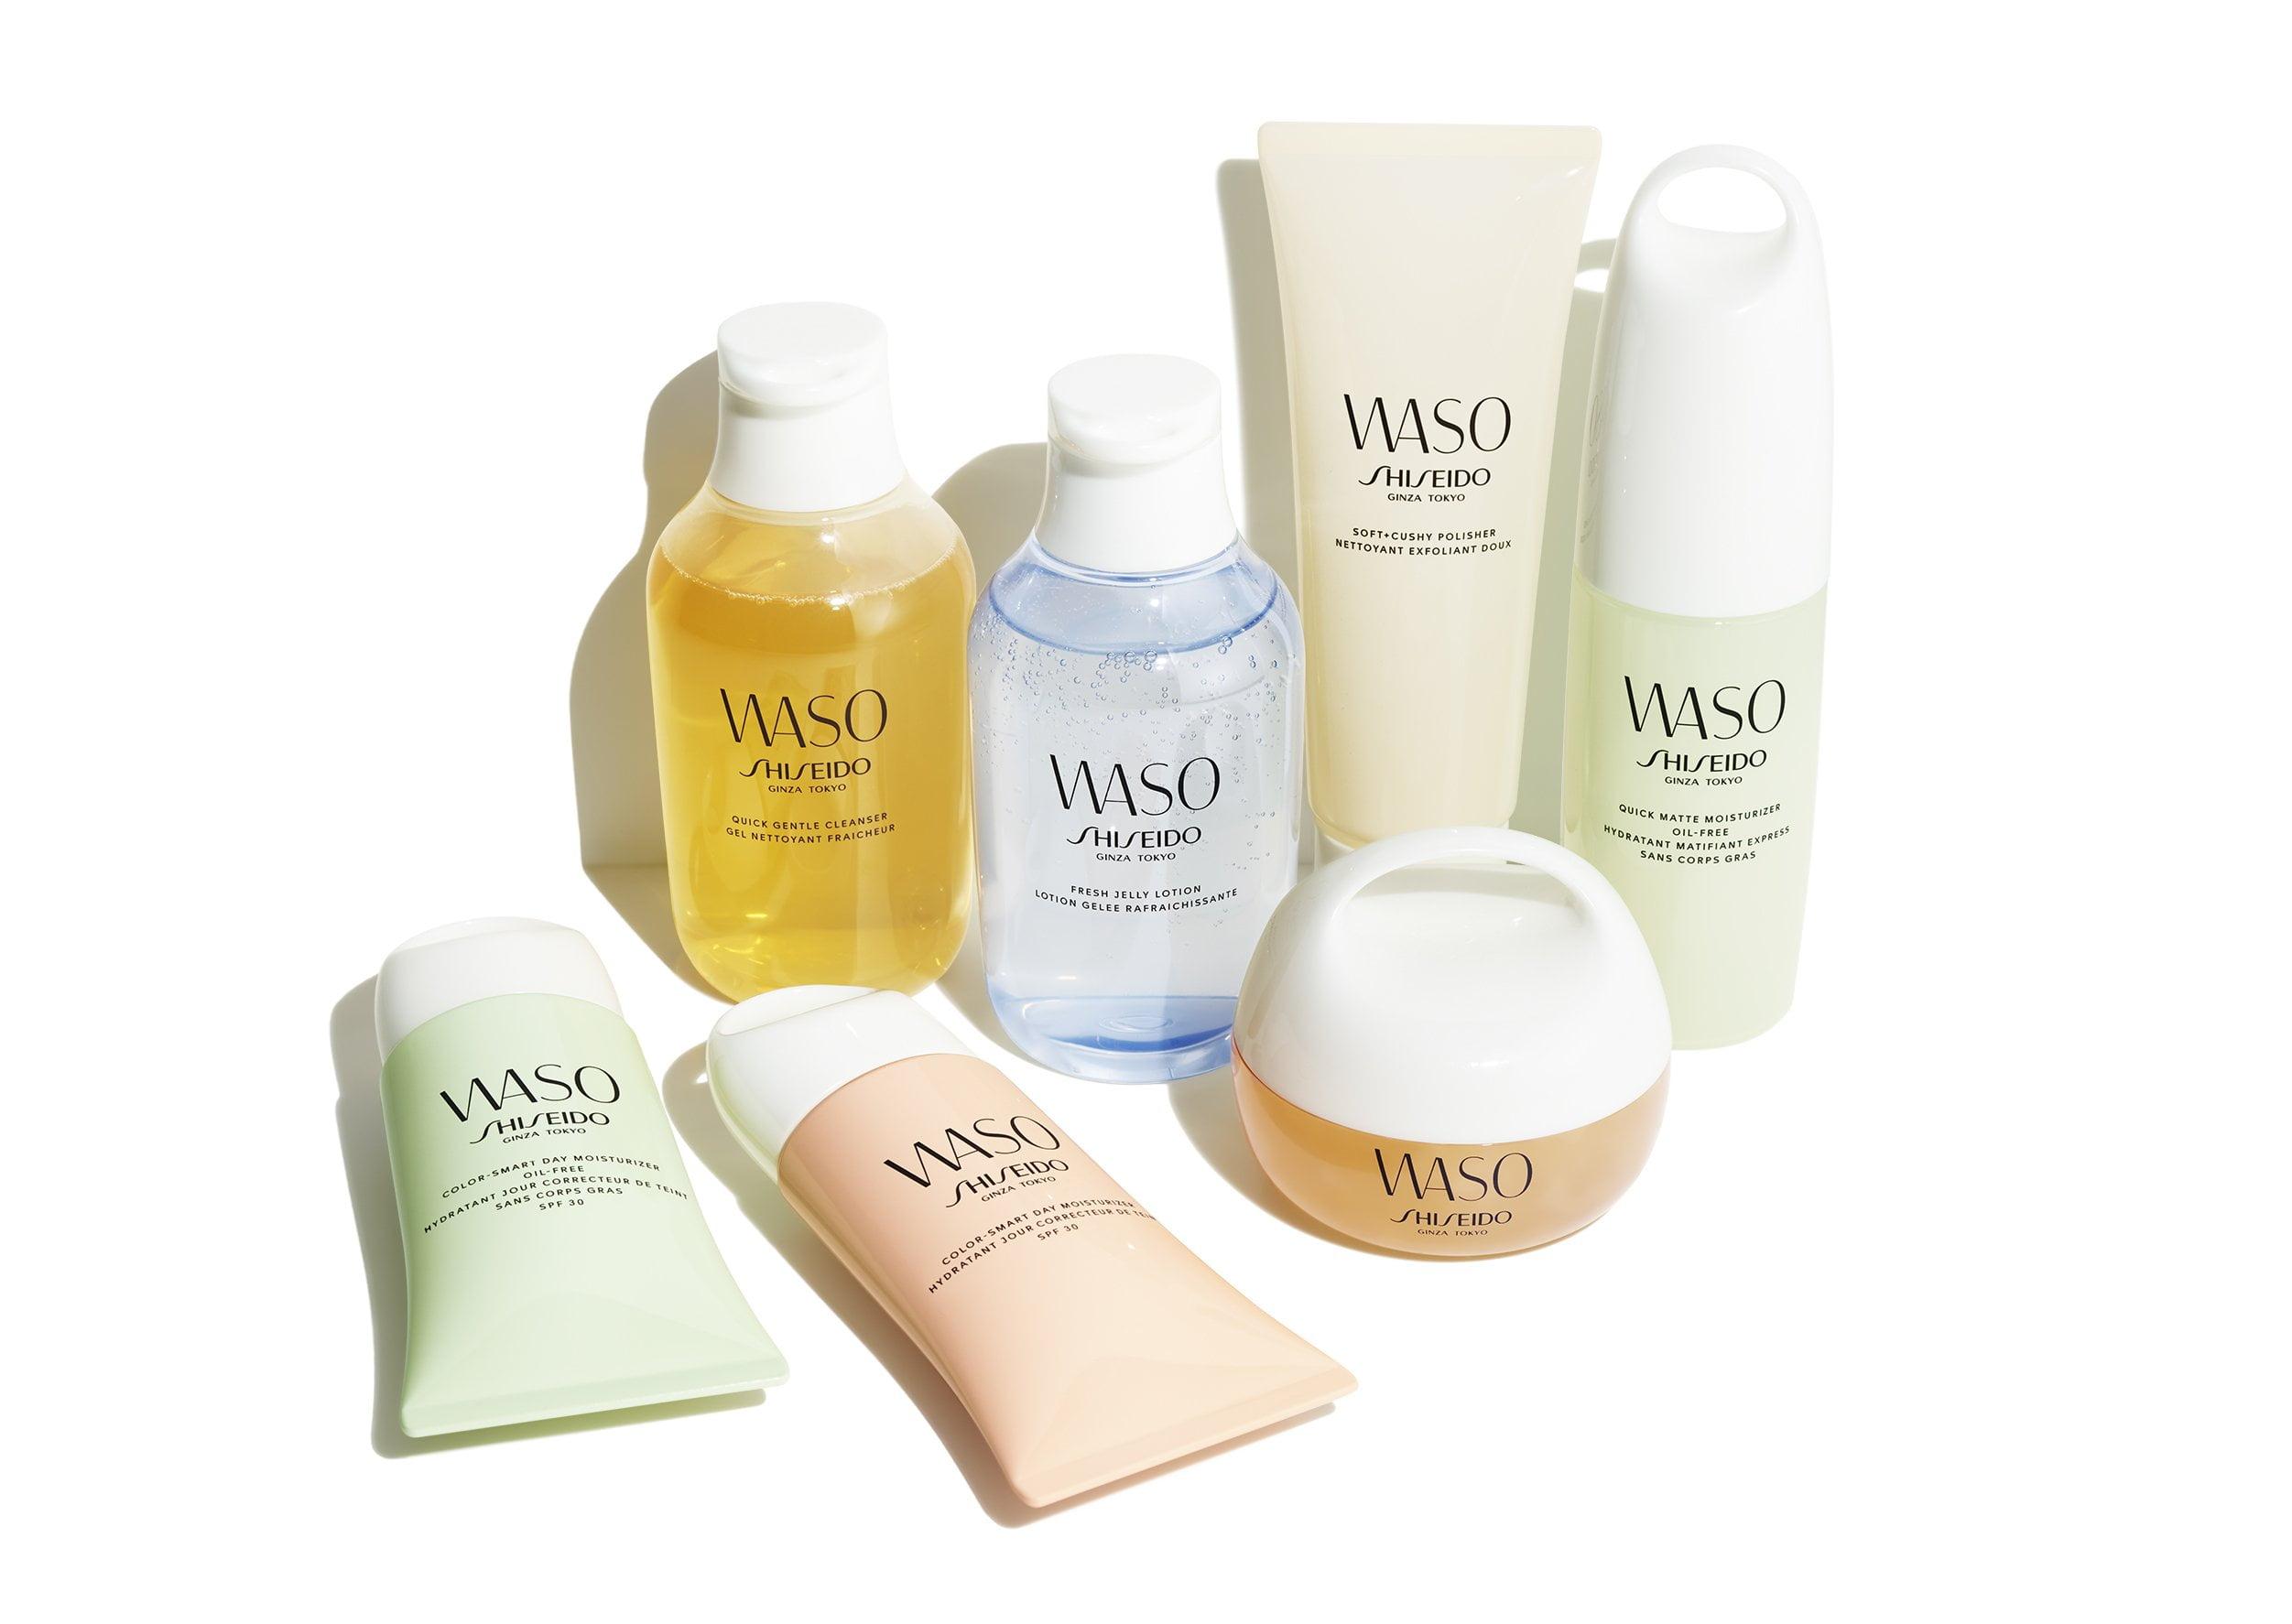 WASO by Shiseido Skincare Range